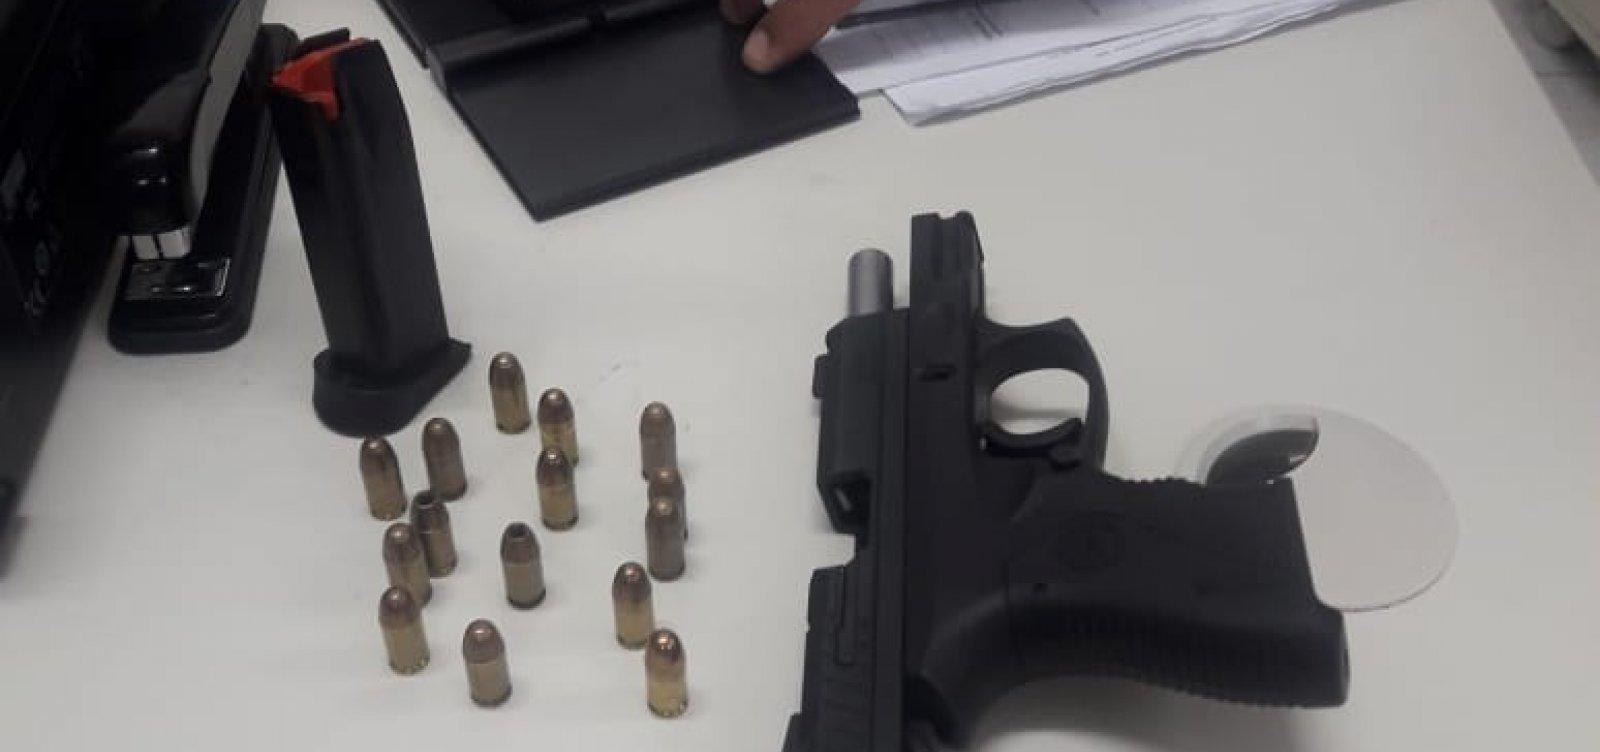 Cinco armas de fogo são apreendidas na Operação Carnaval em toda a Bahia; três em Salvador